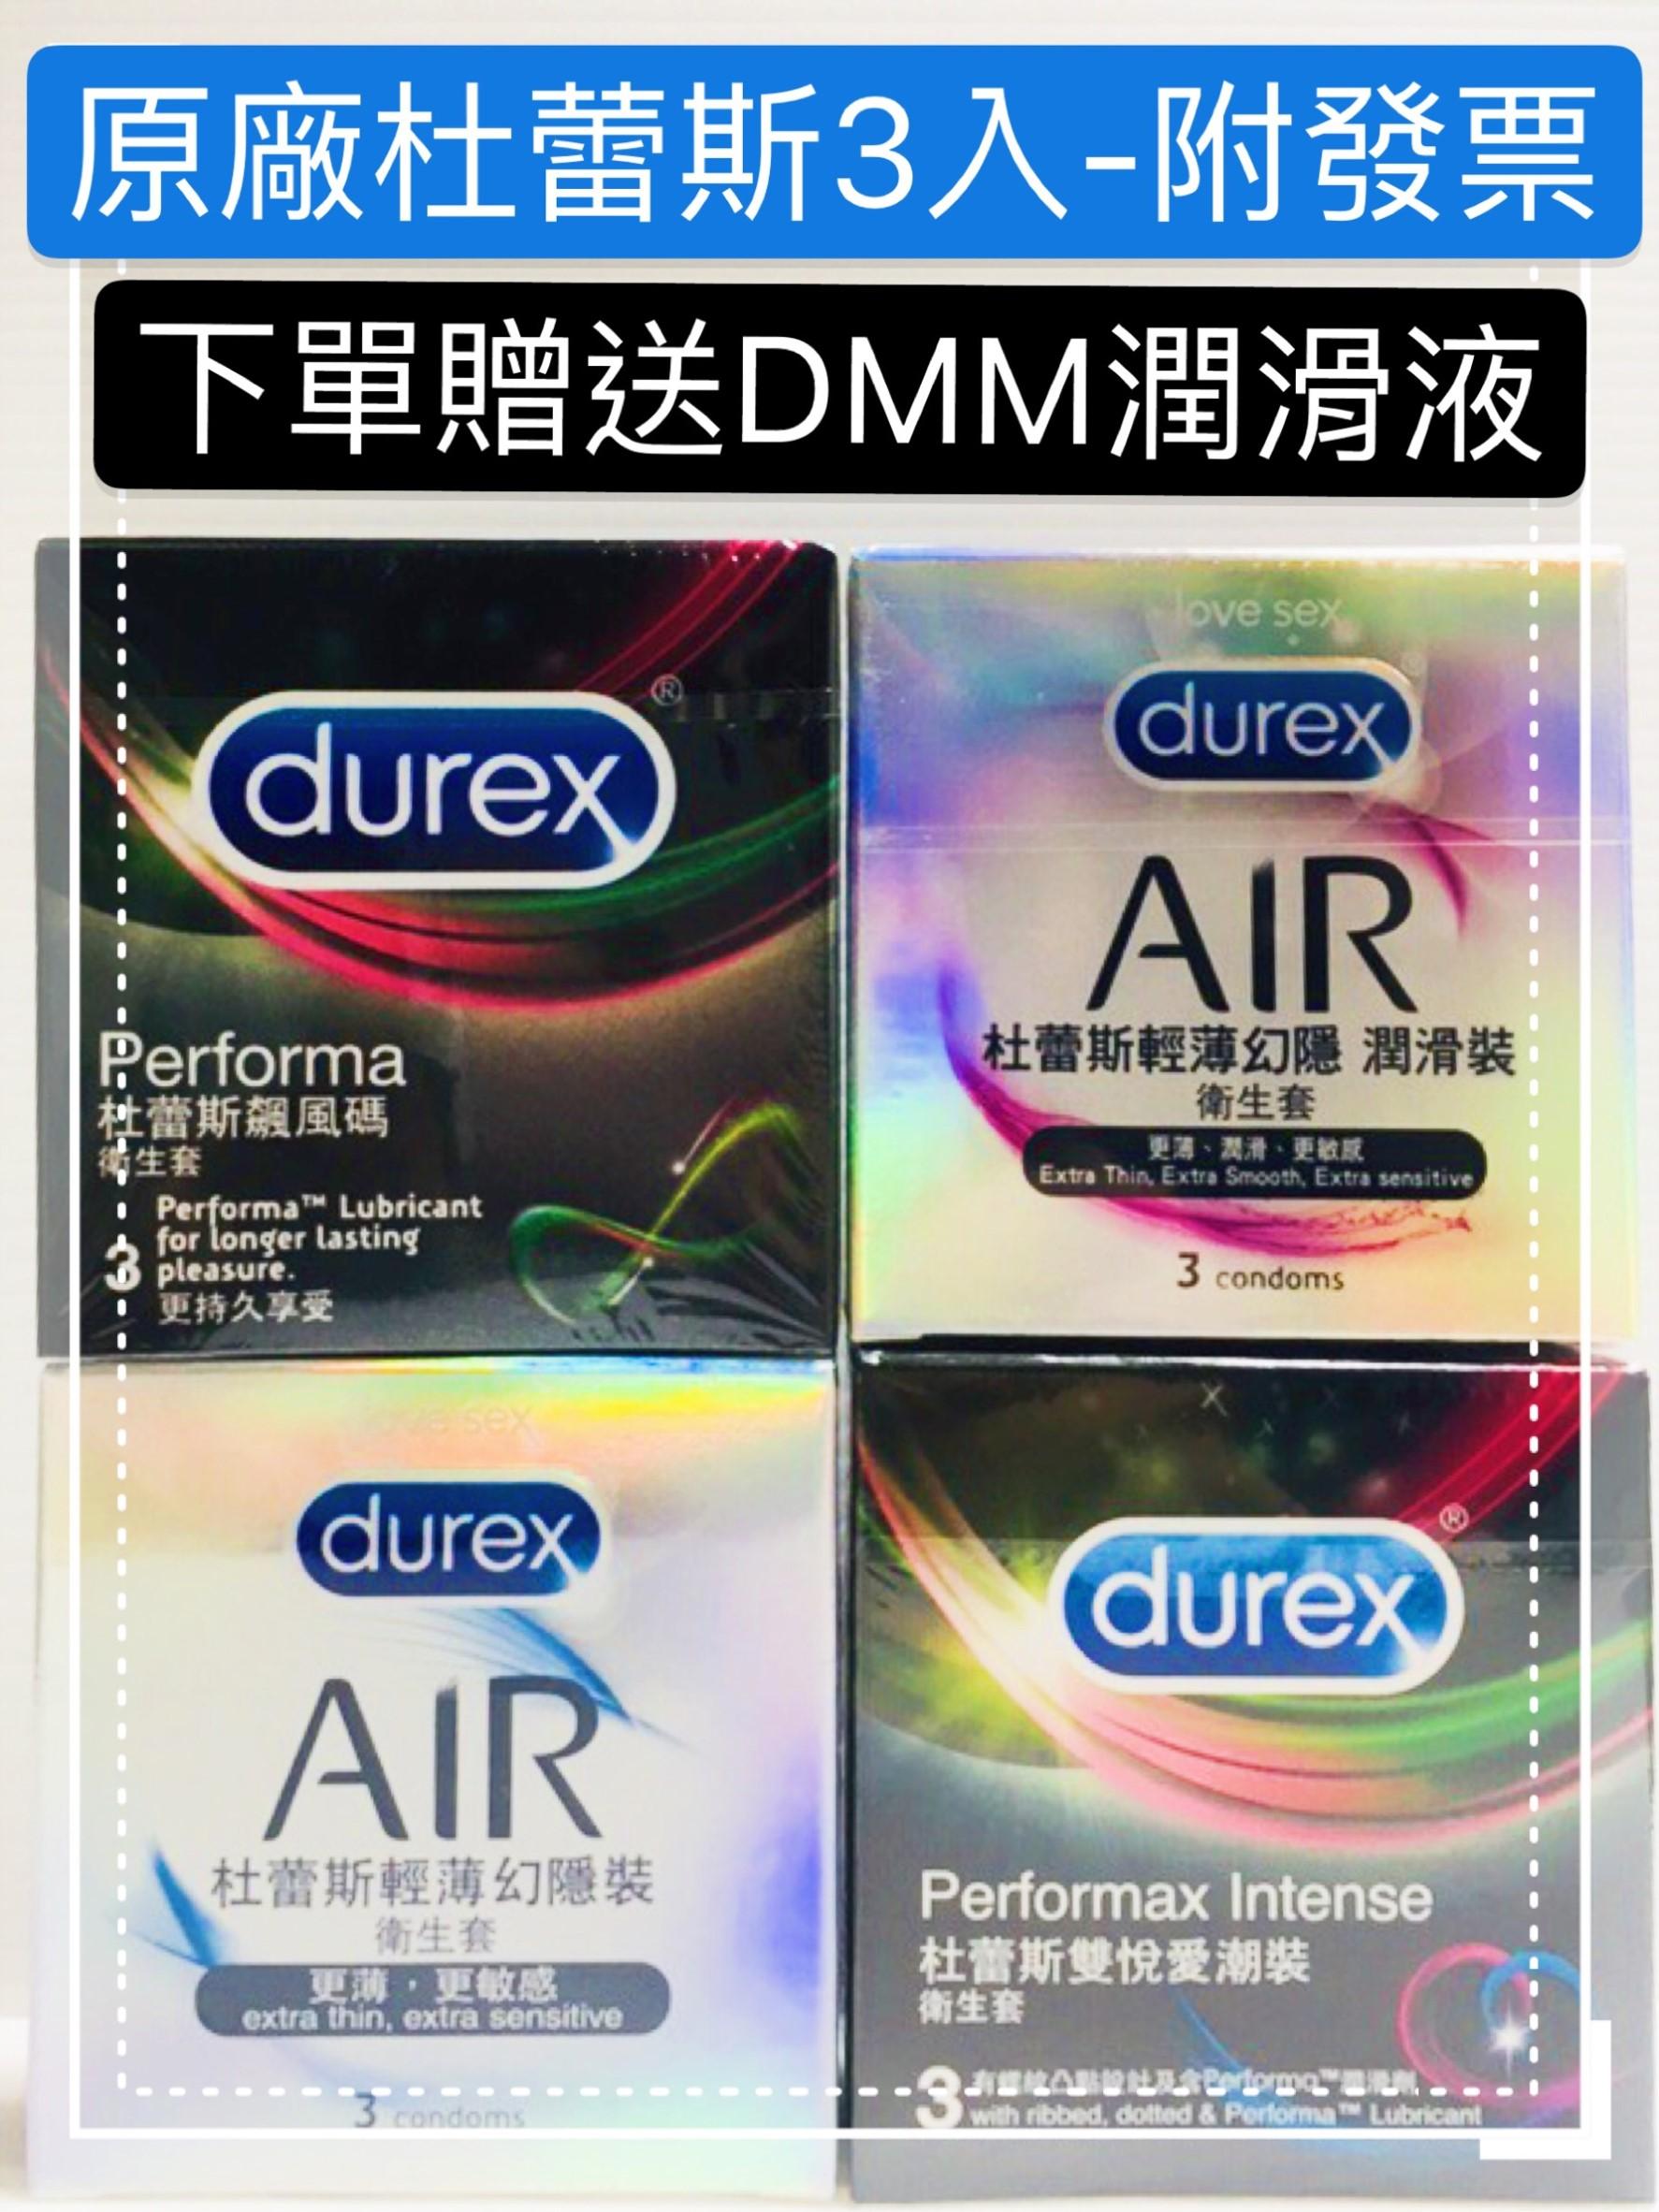 ~MG~3入 Durex 杜蕾斯保險套 AIR輕薄幻隱潤滑裝 雙悅愛潮衛生套 避孕套 AIR空氣套 飆風碼避孕套